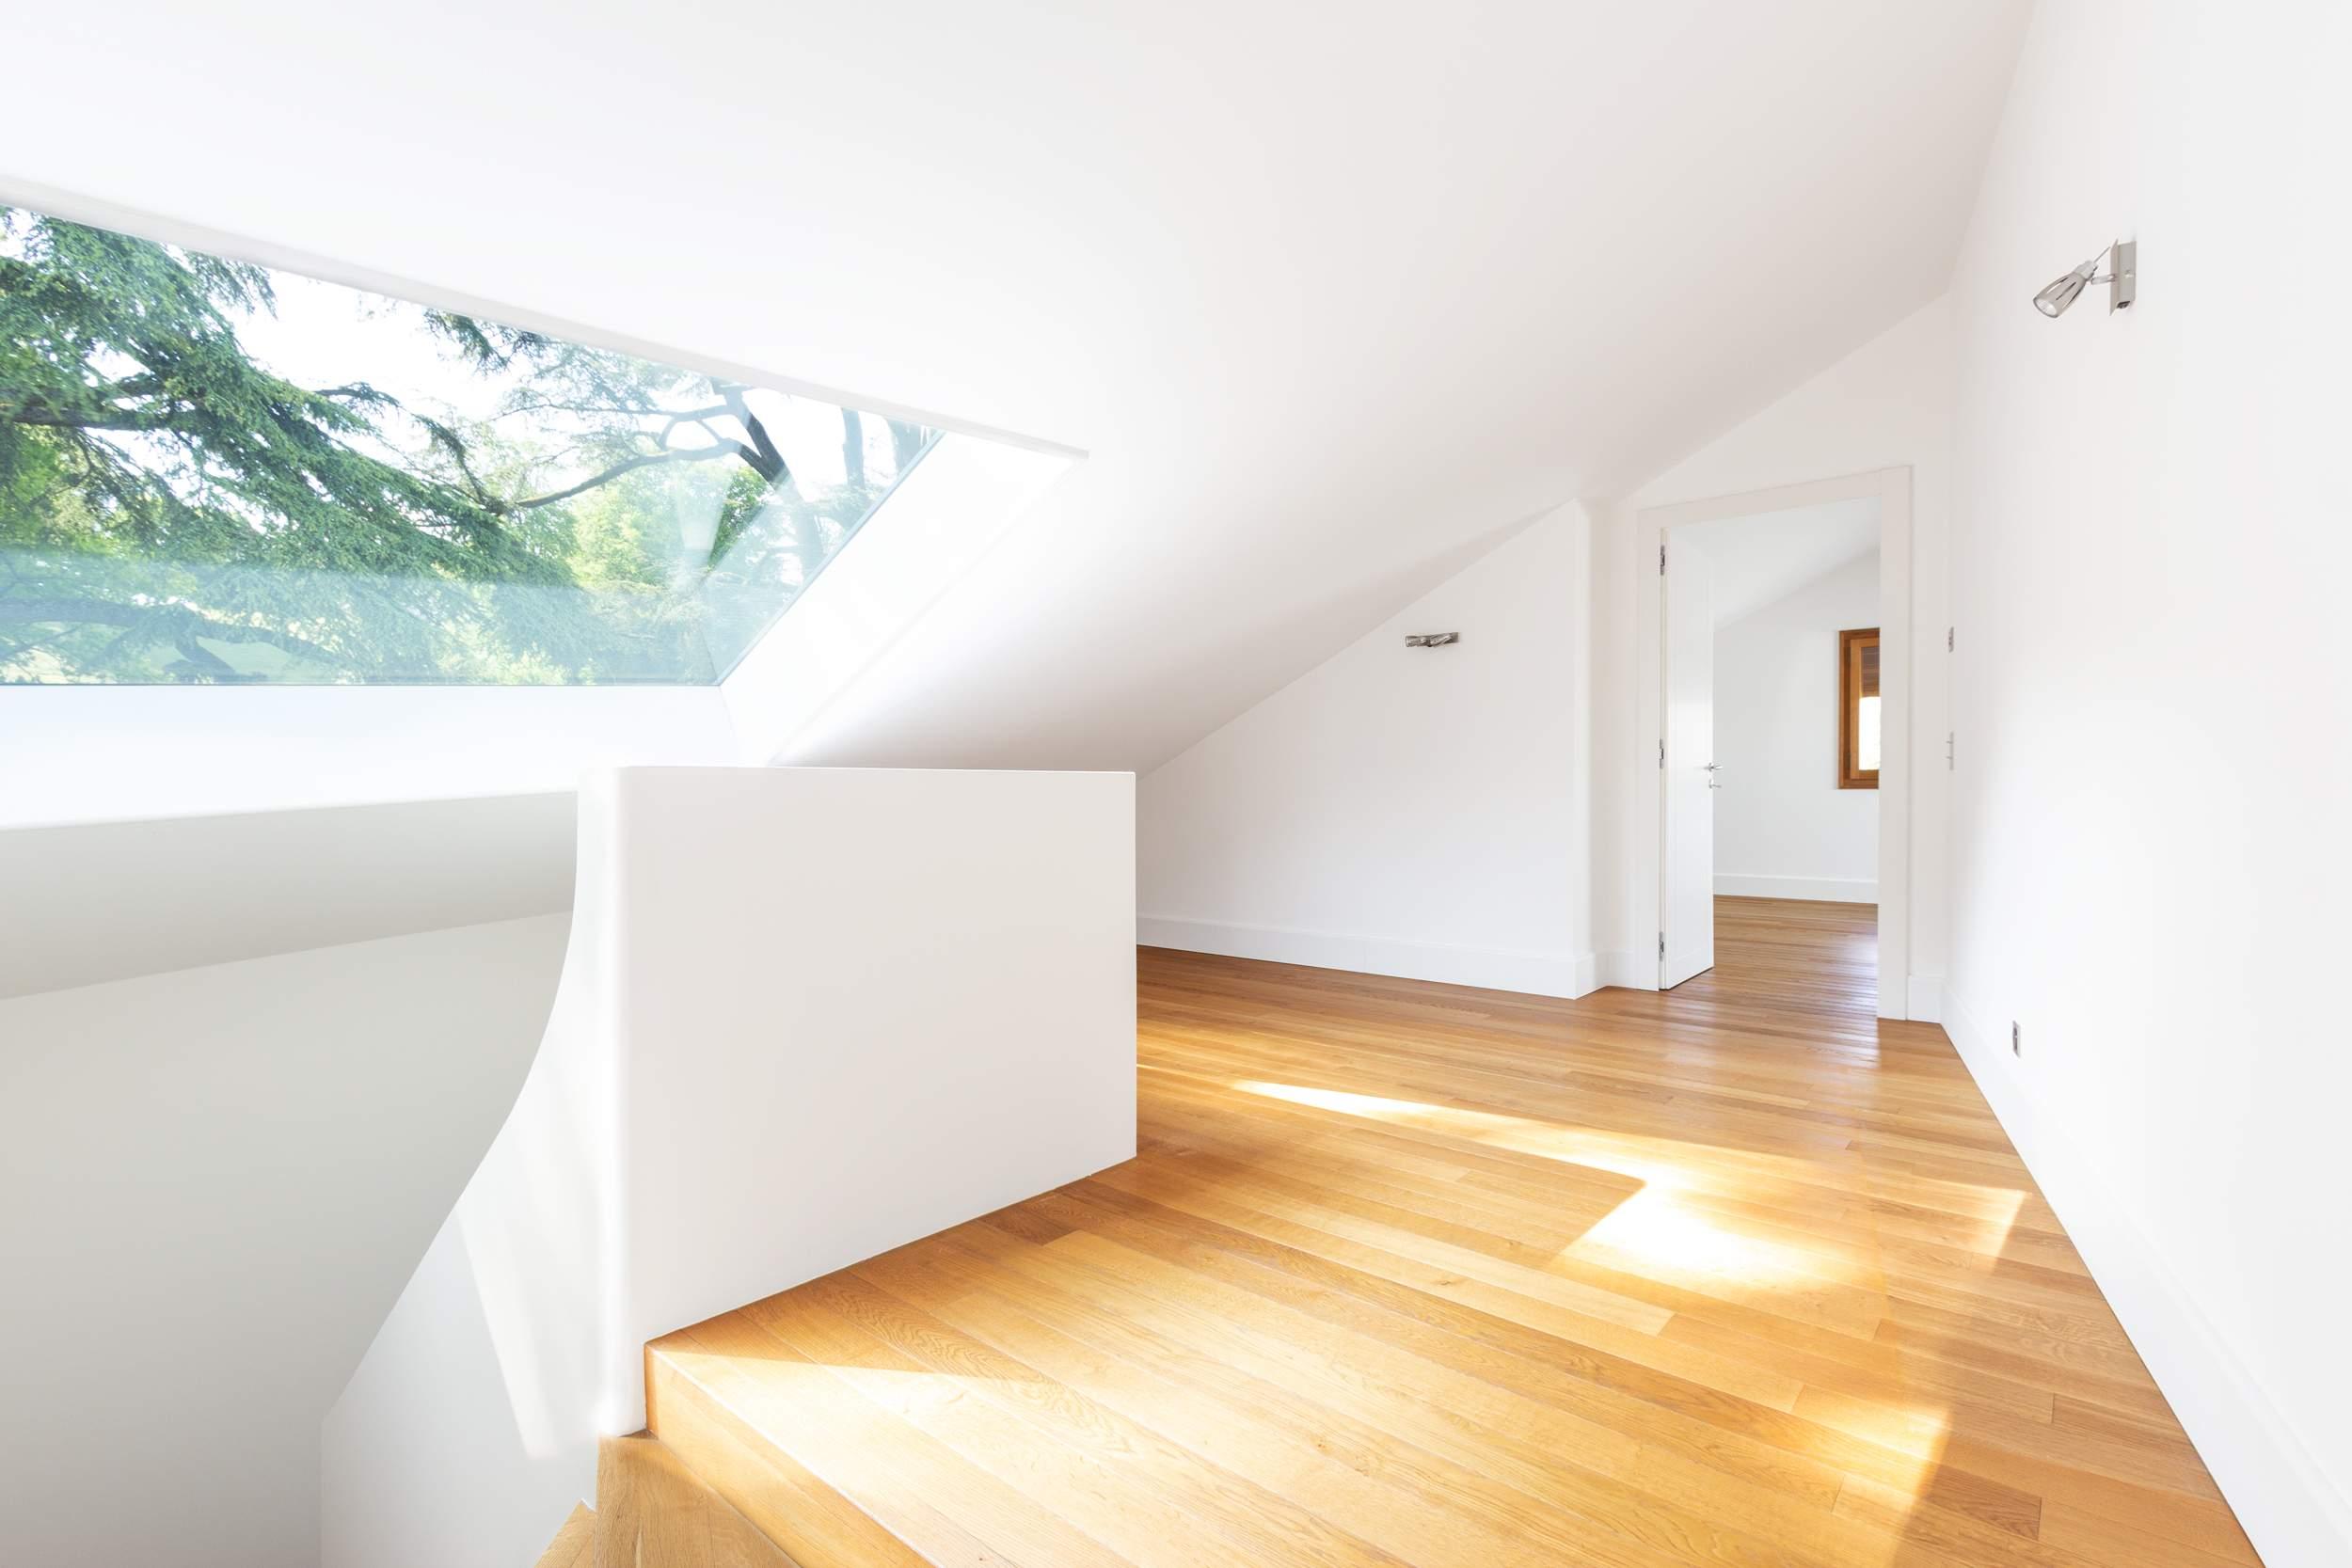 Réalisation rafraîchissement maison escalier parquet